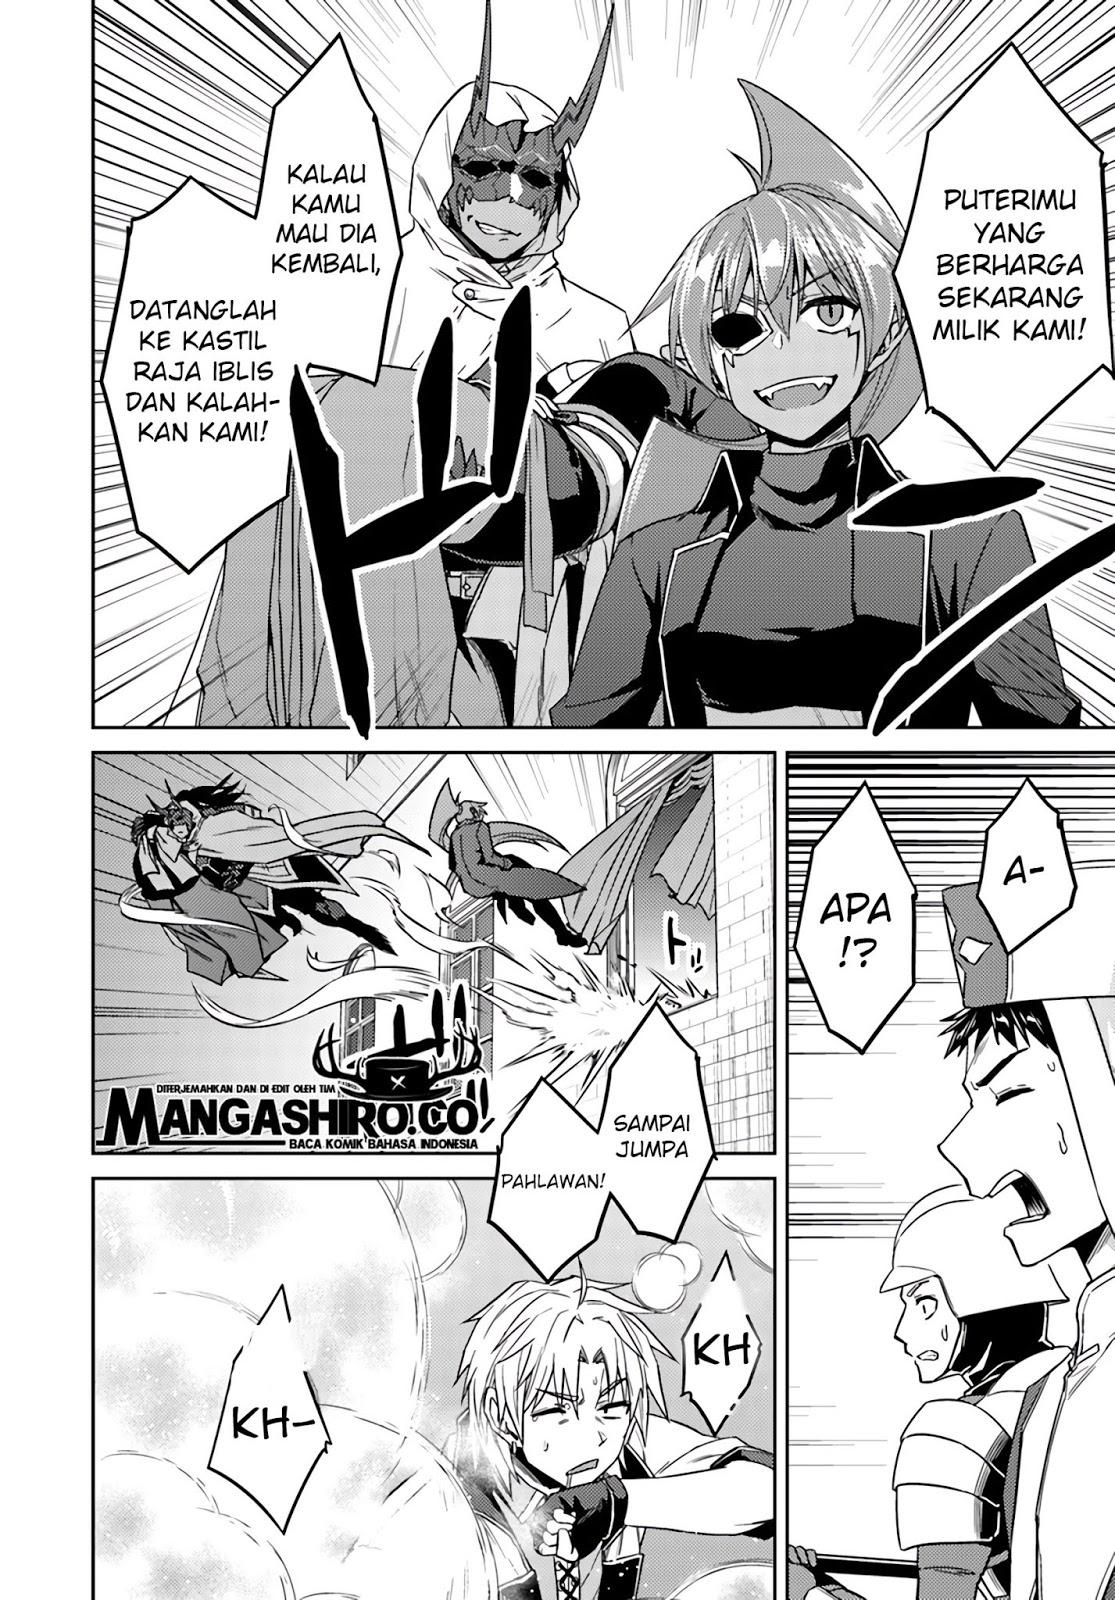 Nidome no Jinsei wo Isekai de: Chapter 37.2 - Page 11